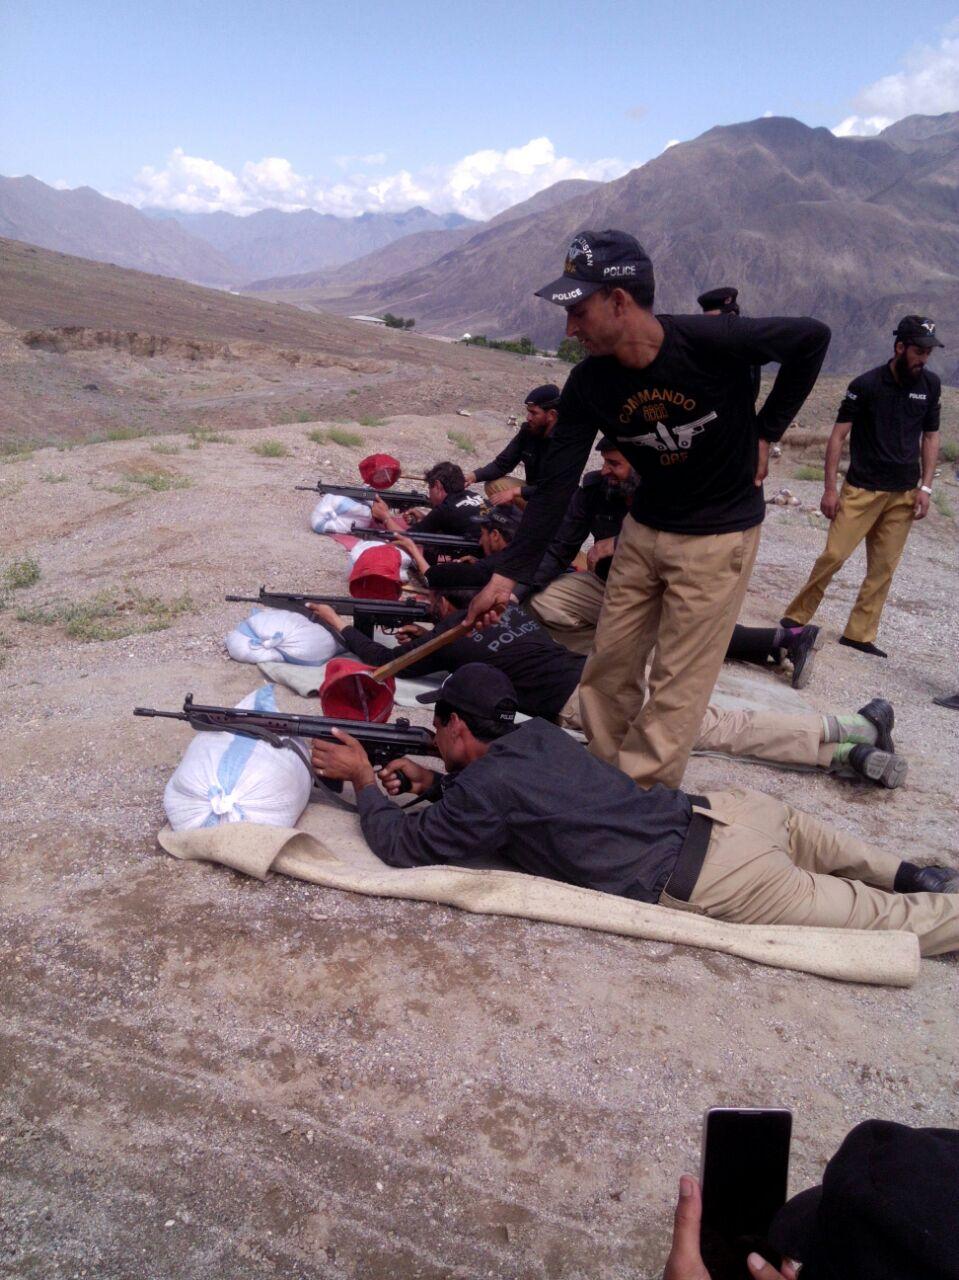 ضلع دیامر میں پولیس نوجوانوں کی مہارت میں اضافہ کرنے کے لئے فائرنگ کی تربیت کا آغاز